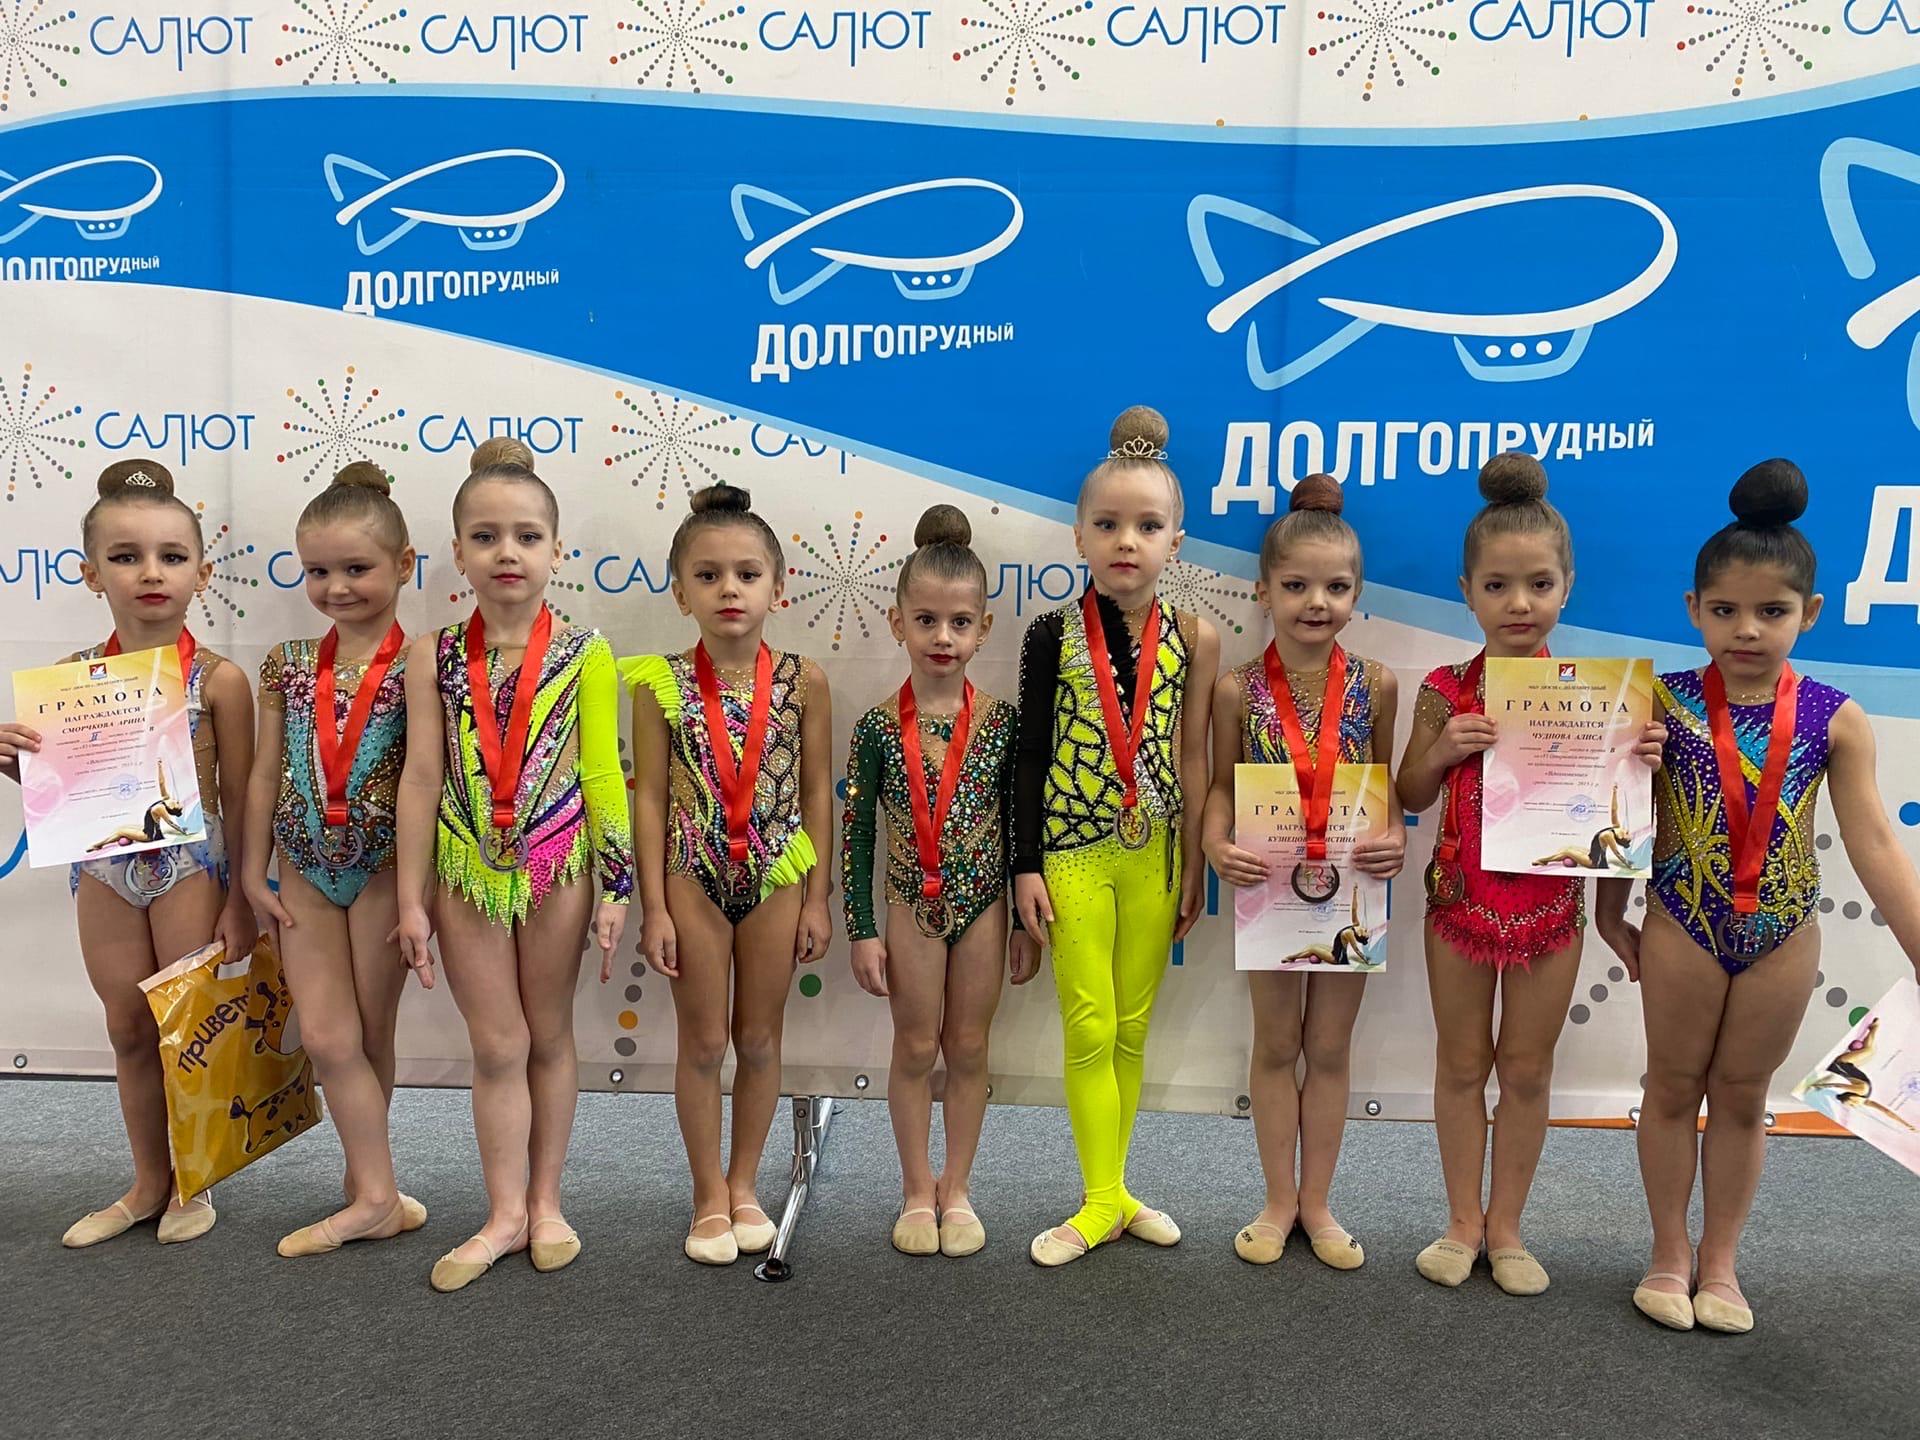 20 февраля в Долгопрудном прошёл открытый турнир по художественной гимнастике «Вдохновение».